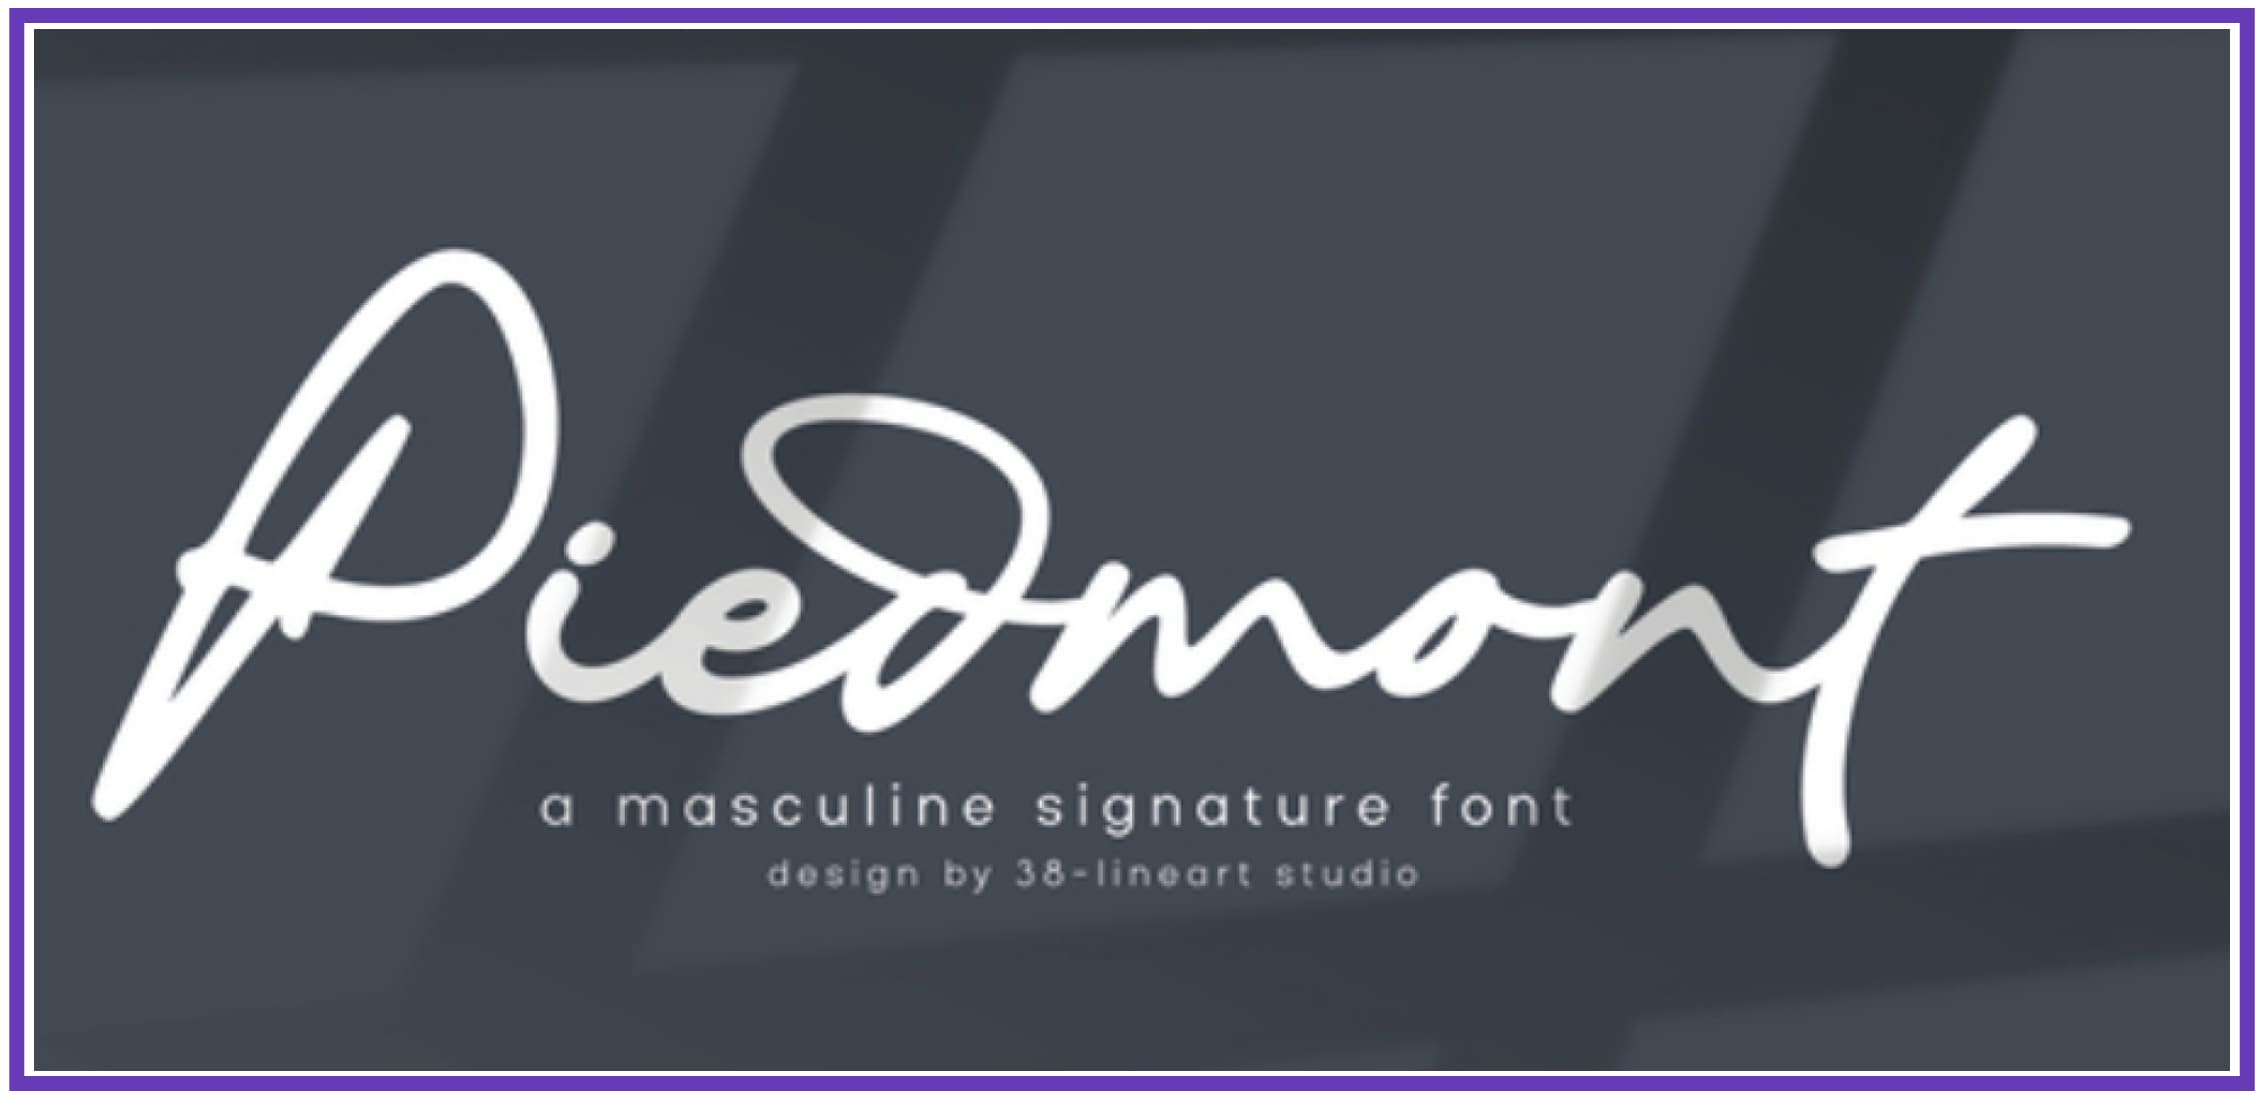 Flexible Piedmont. Masculine Font.